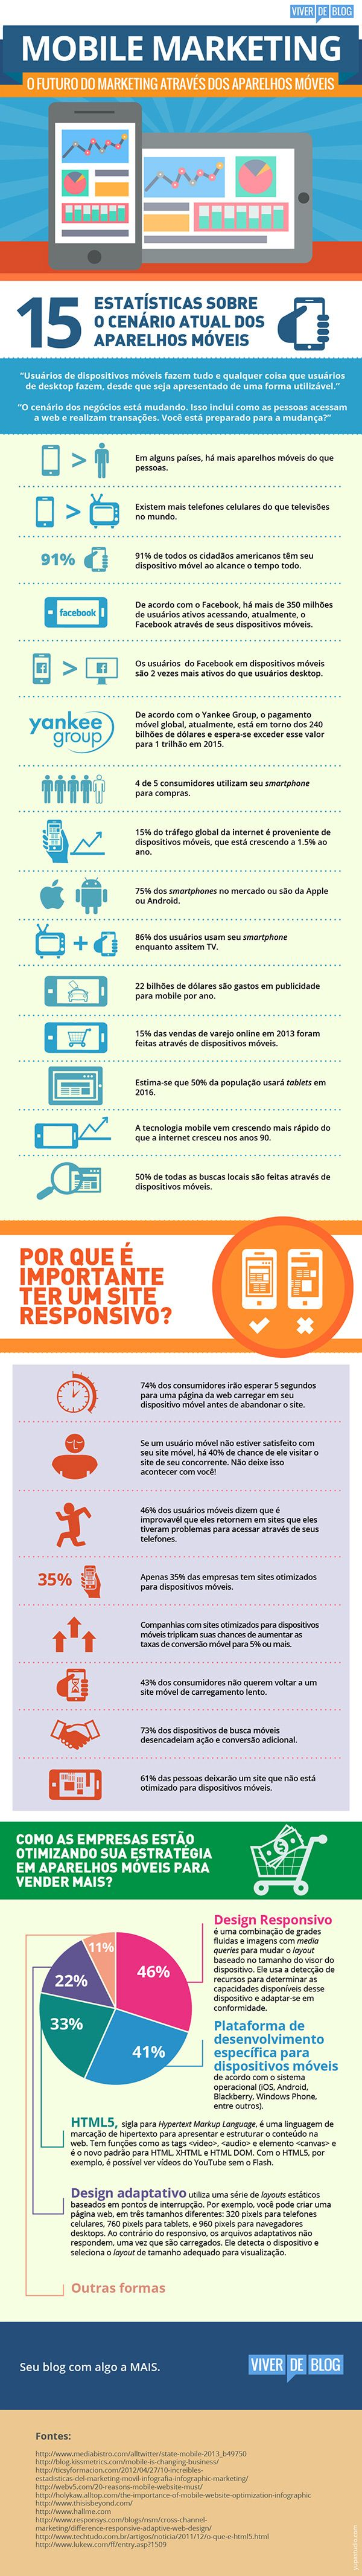 Vdb mobileMKT info 600px [Infográfico] Mobile Marketing: O Futuro do Marketing Através dos Aparelhos Móveis www.maraizasilva.com